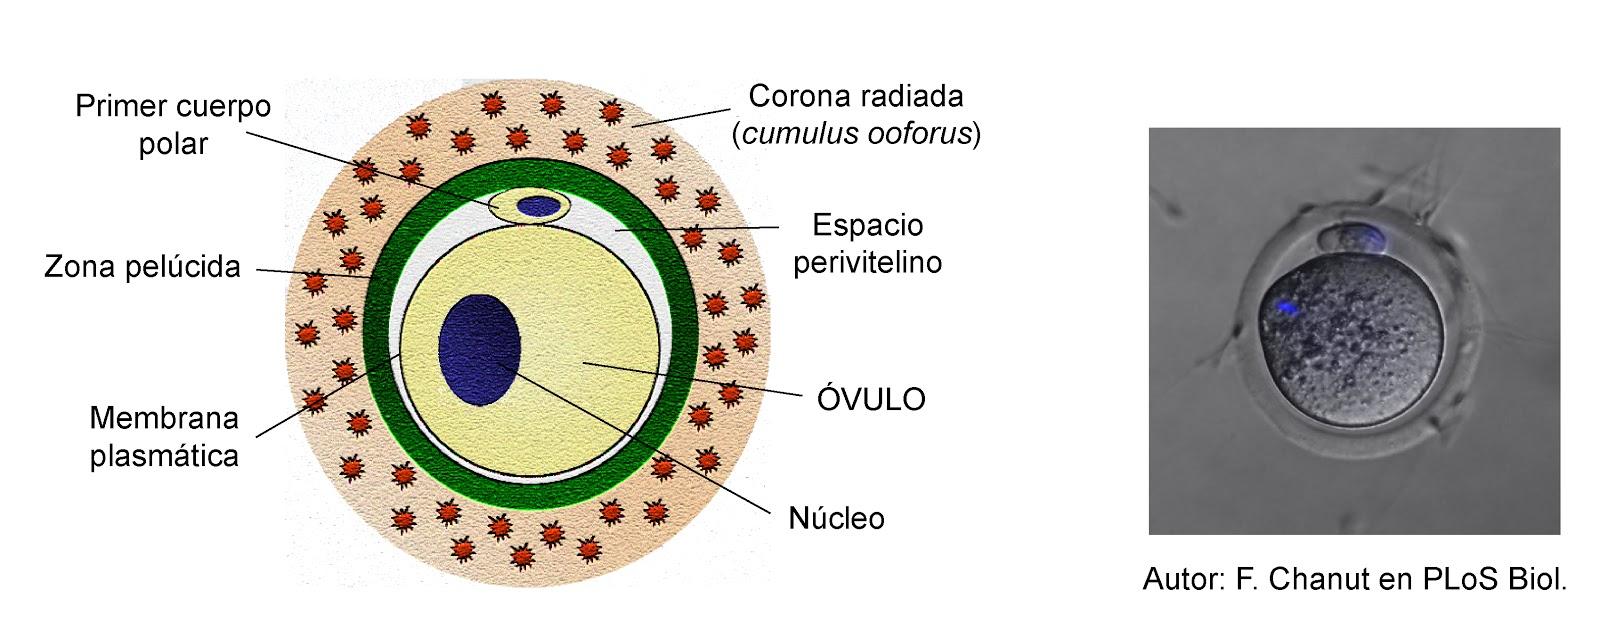 El óvulo compañado del primer cuerpo polar, la zona pelúcida y la corona radiada